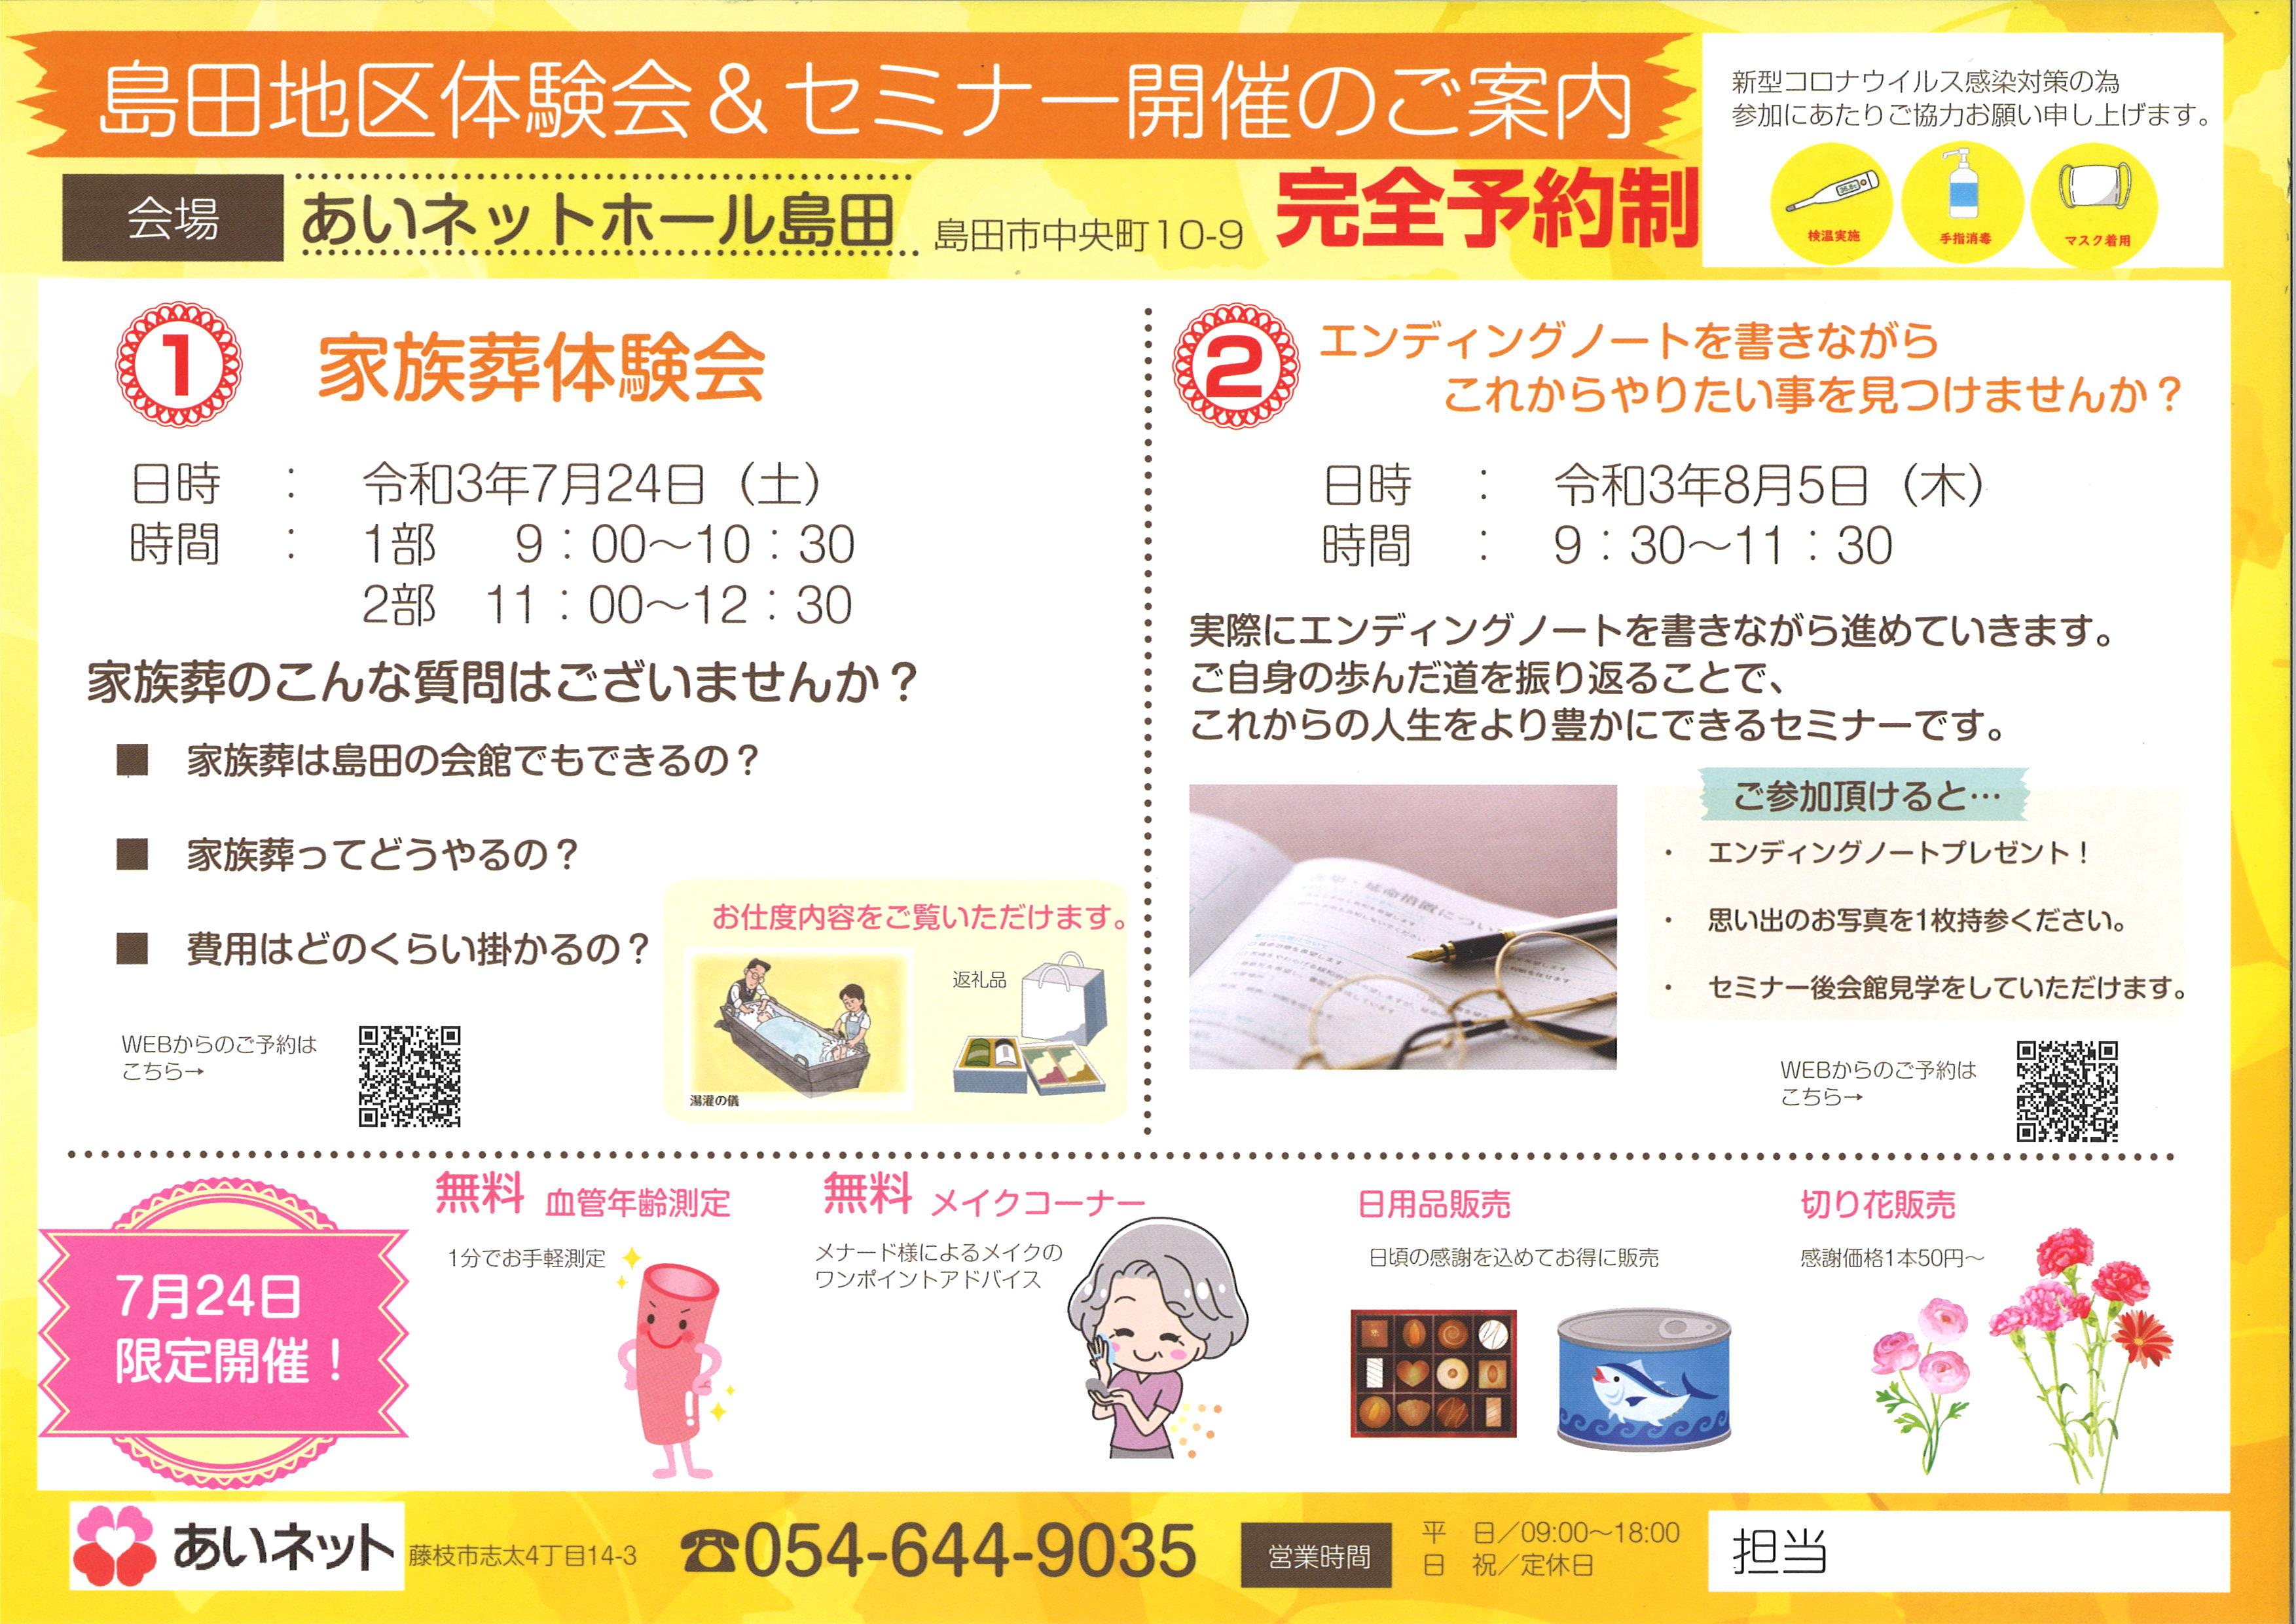 7月24日(土)家族葬体験イベントinあいネット島田